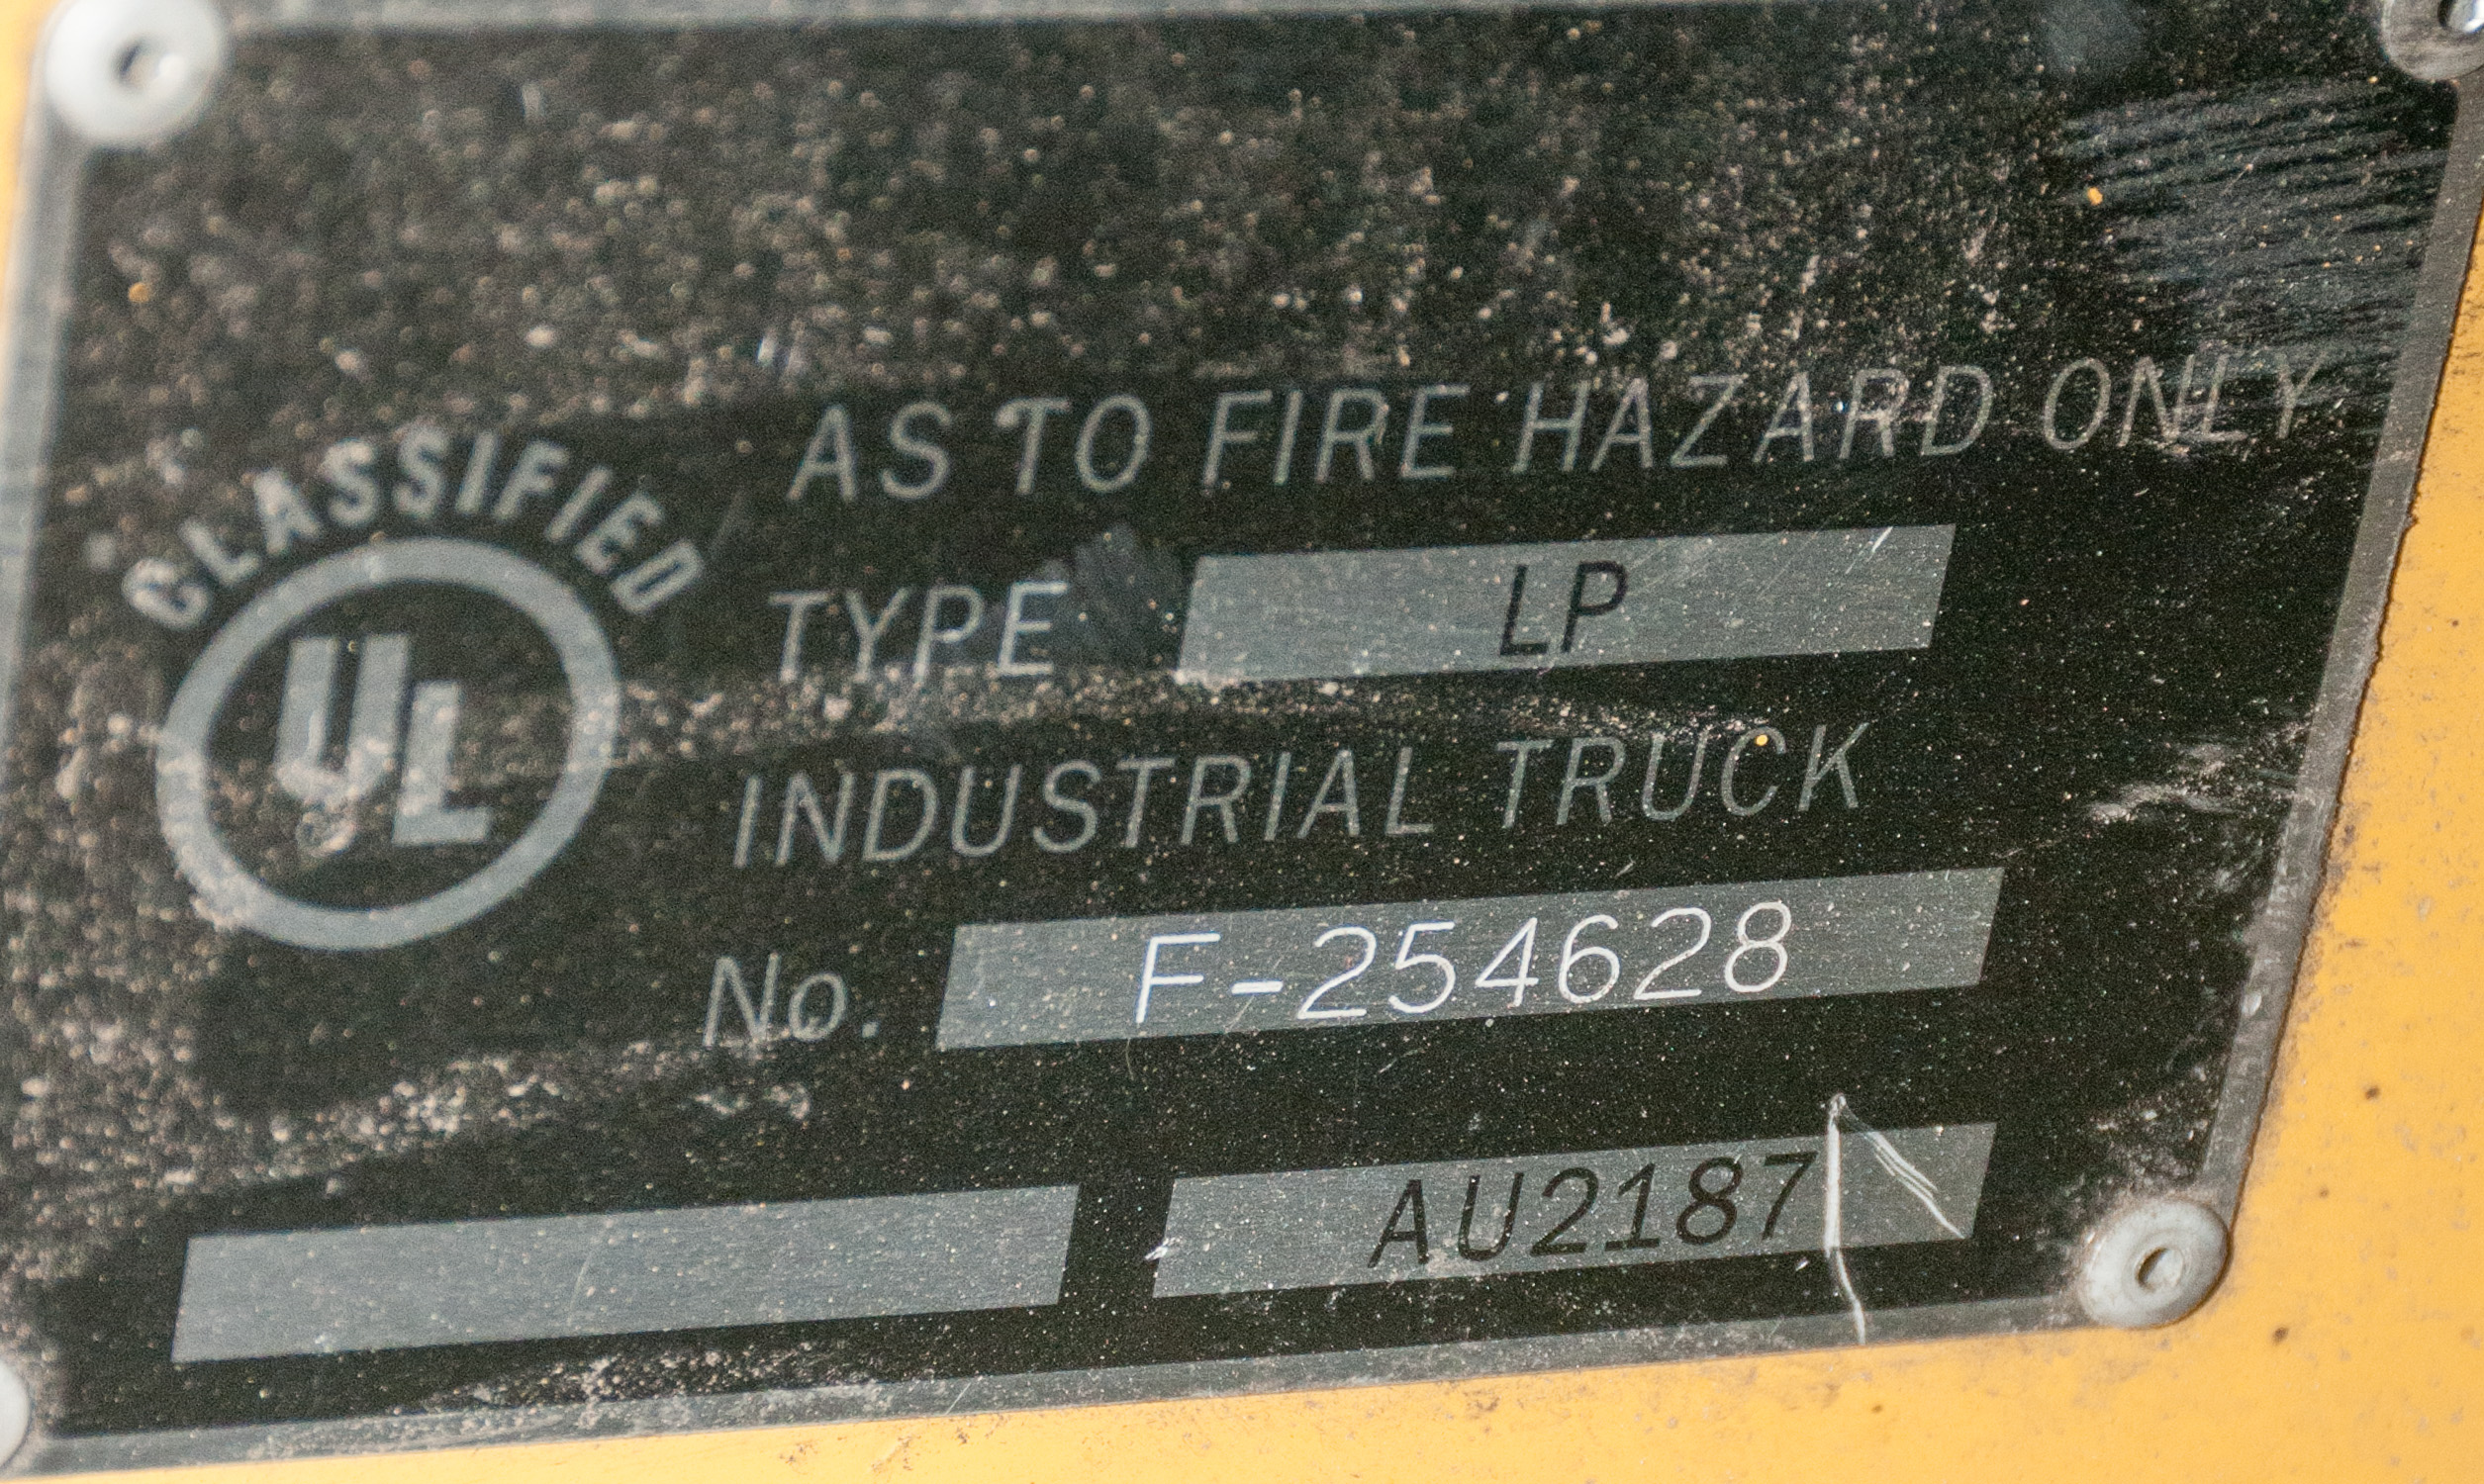 """Cat LP Forklift Mdl F-254628, s/n AU2187, Solid Tires, 10,000 lb. Cap. 48"""" forks, 2 Stage Mast - Image 4 of 4"""